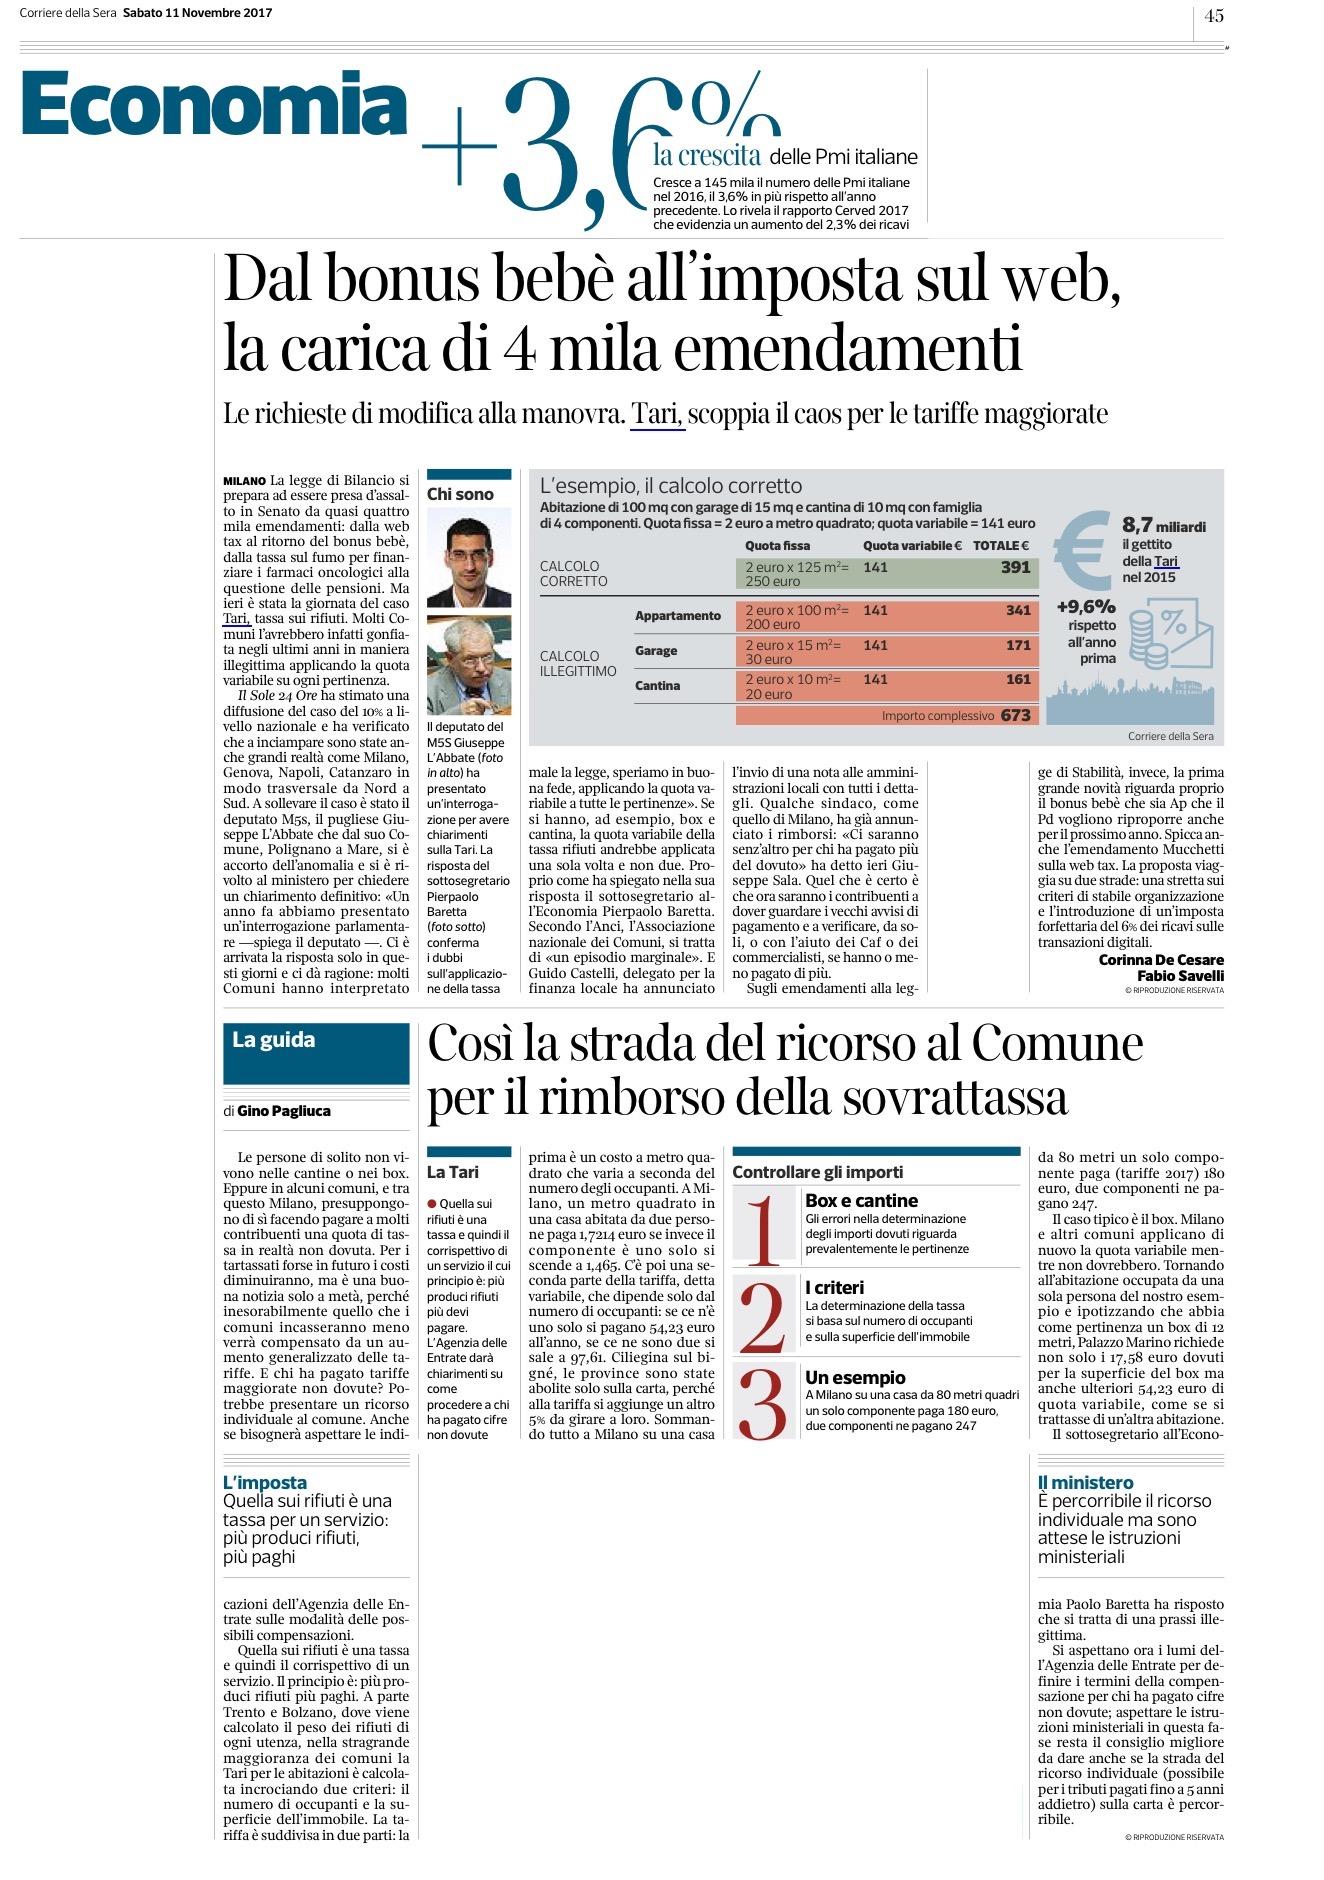 Il Corriere della Sera - 11.11.2017